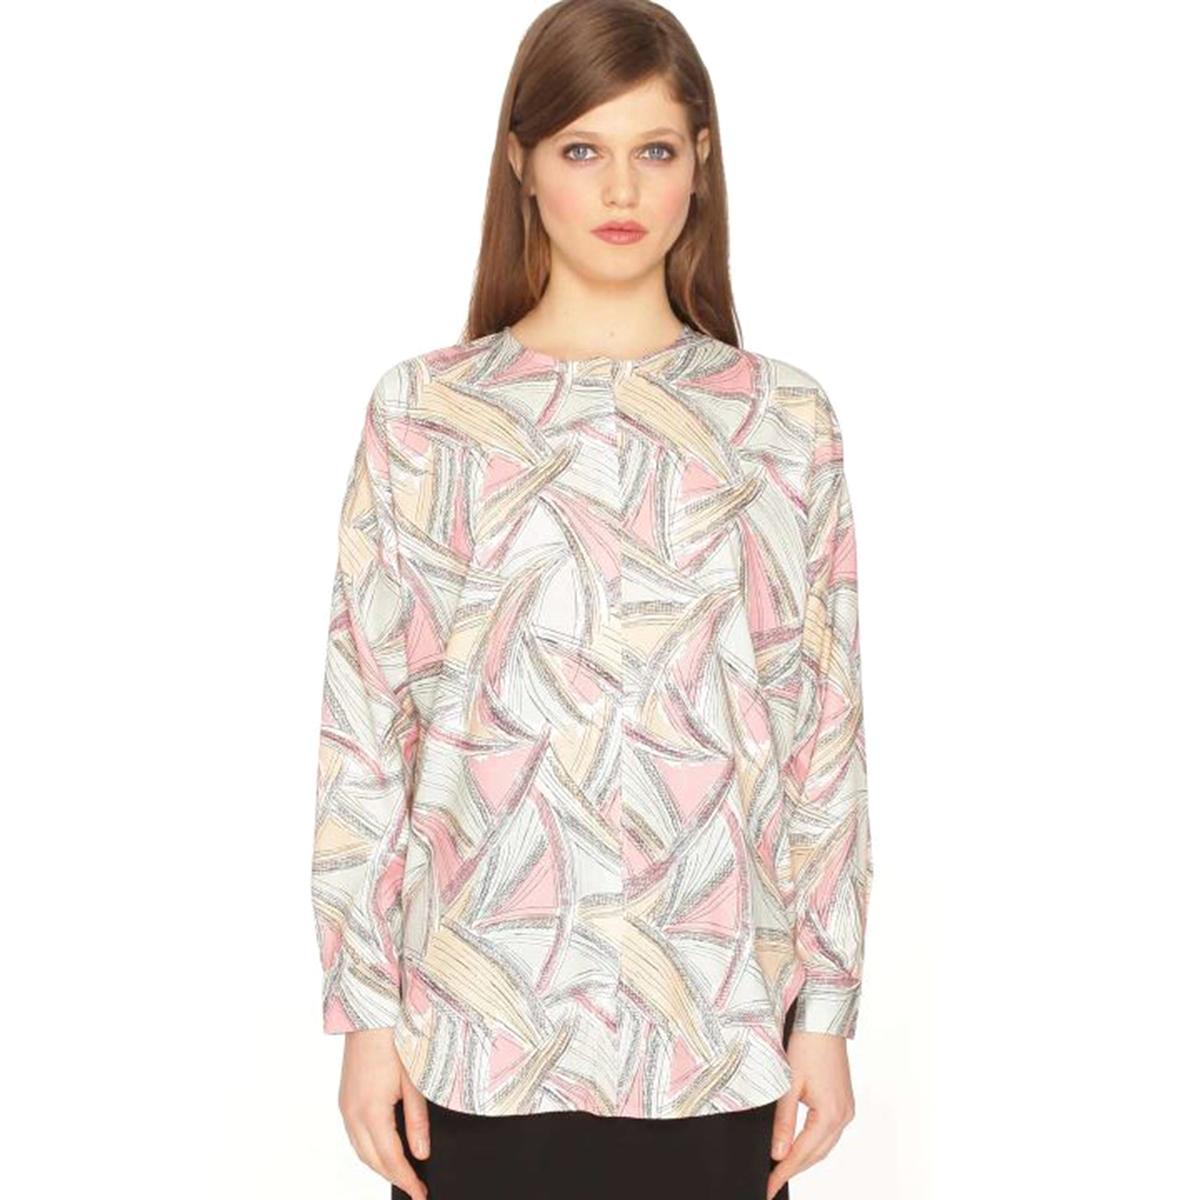 Блузка с круглым воротником, рисунком и длинными рукавами